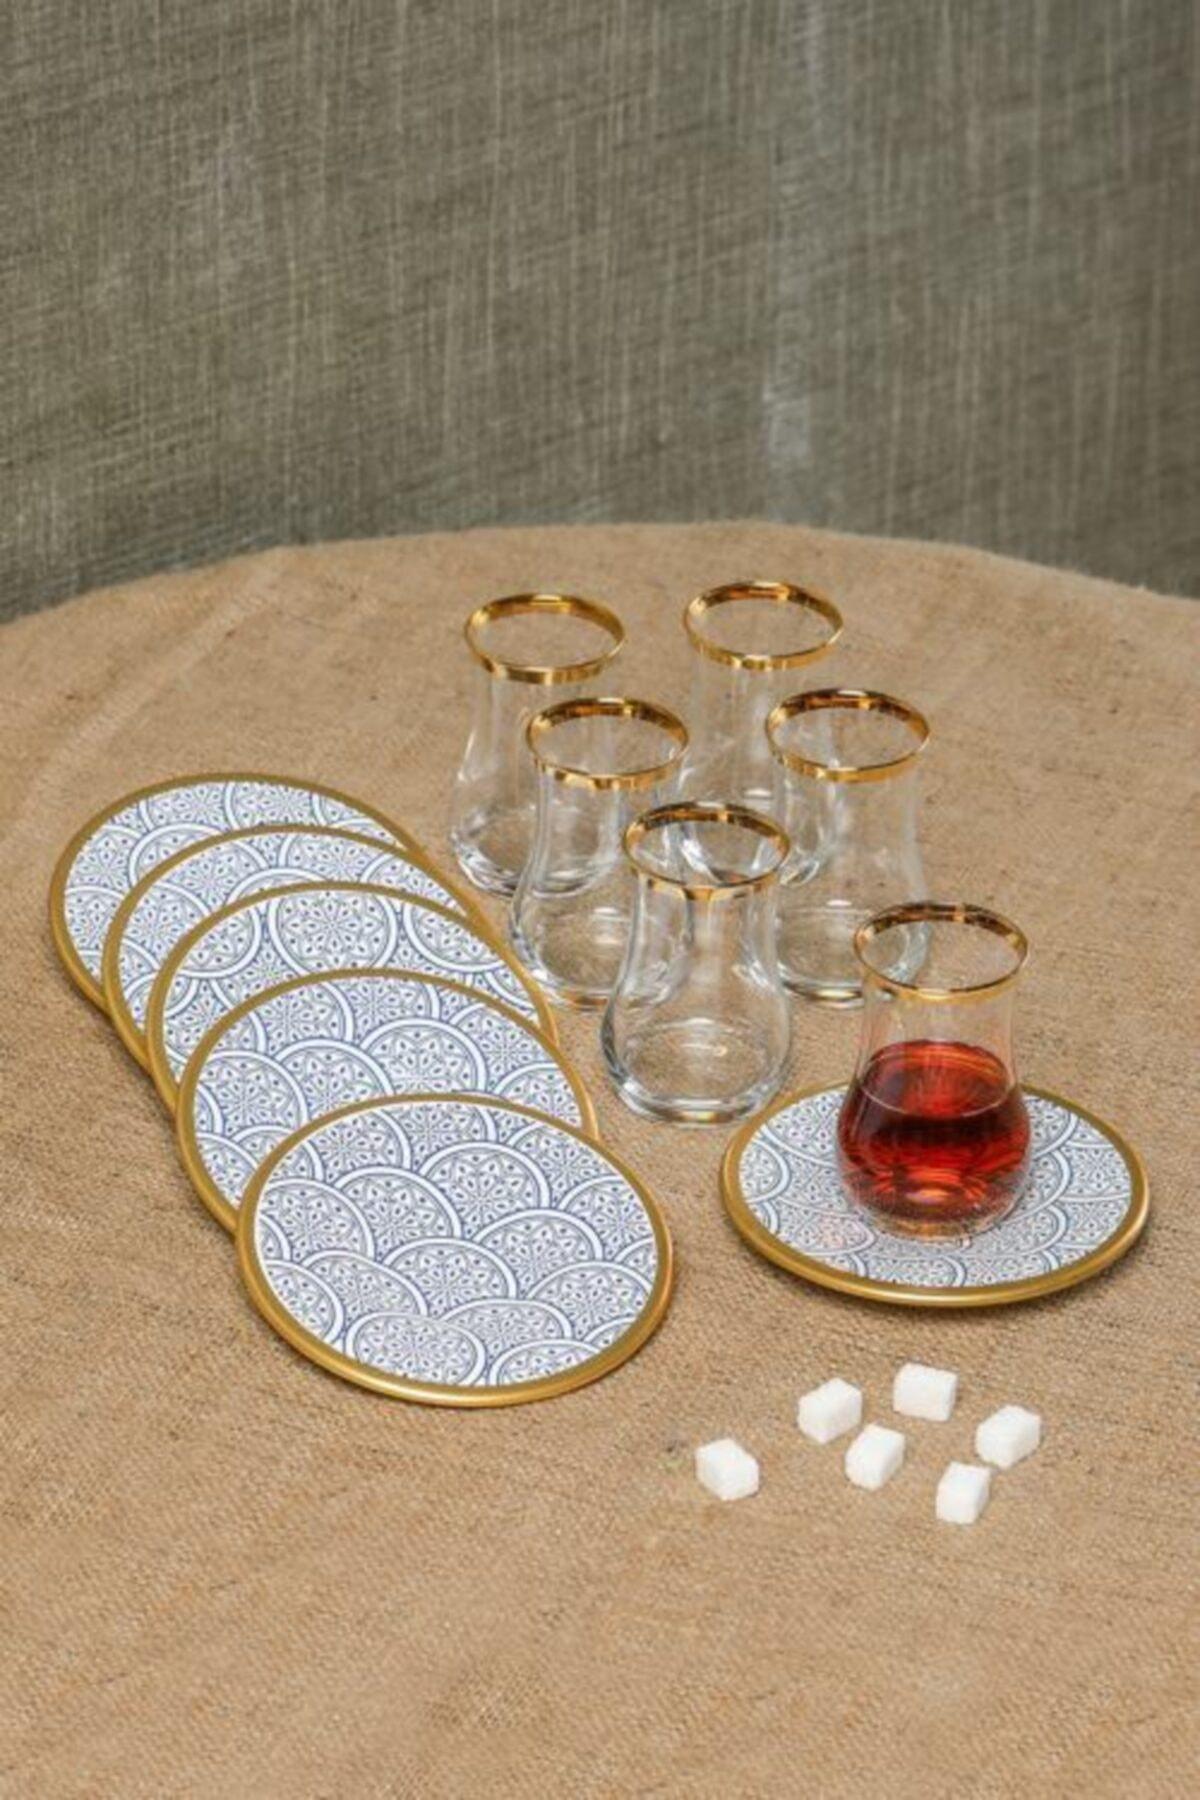 Cooker Dekorlu 12 Parça Çay Bardağı Takımı Seti Cay-takimi Ckr2691-beyaz 1